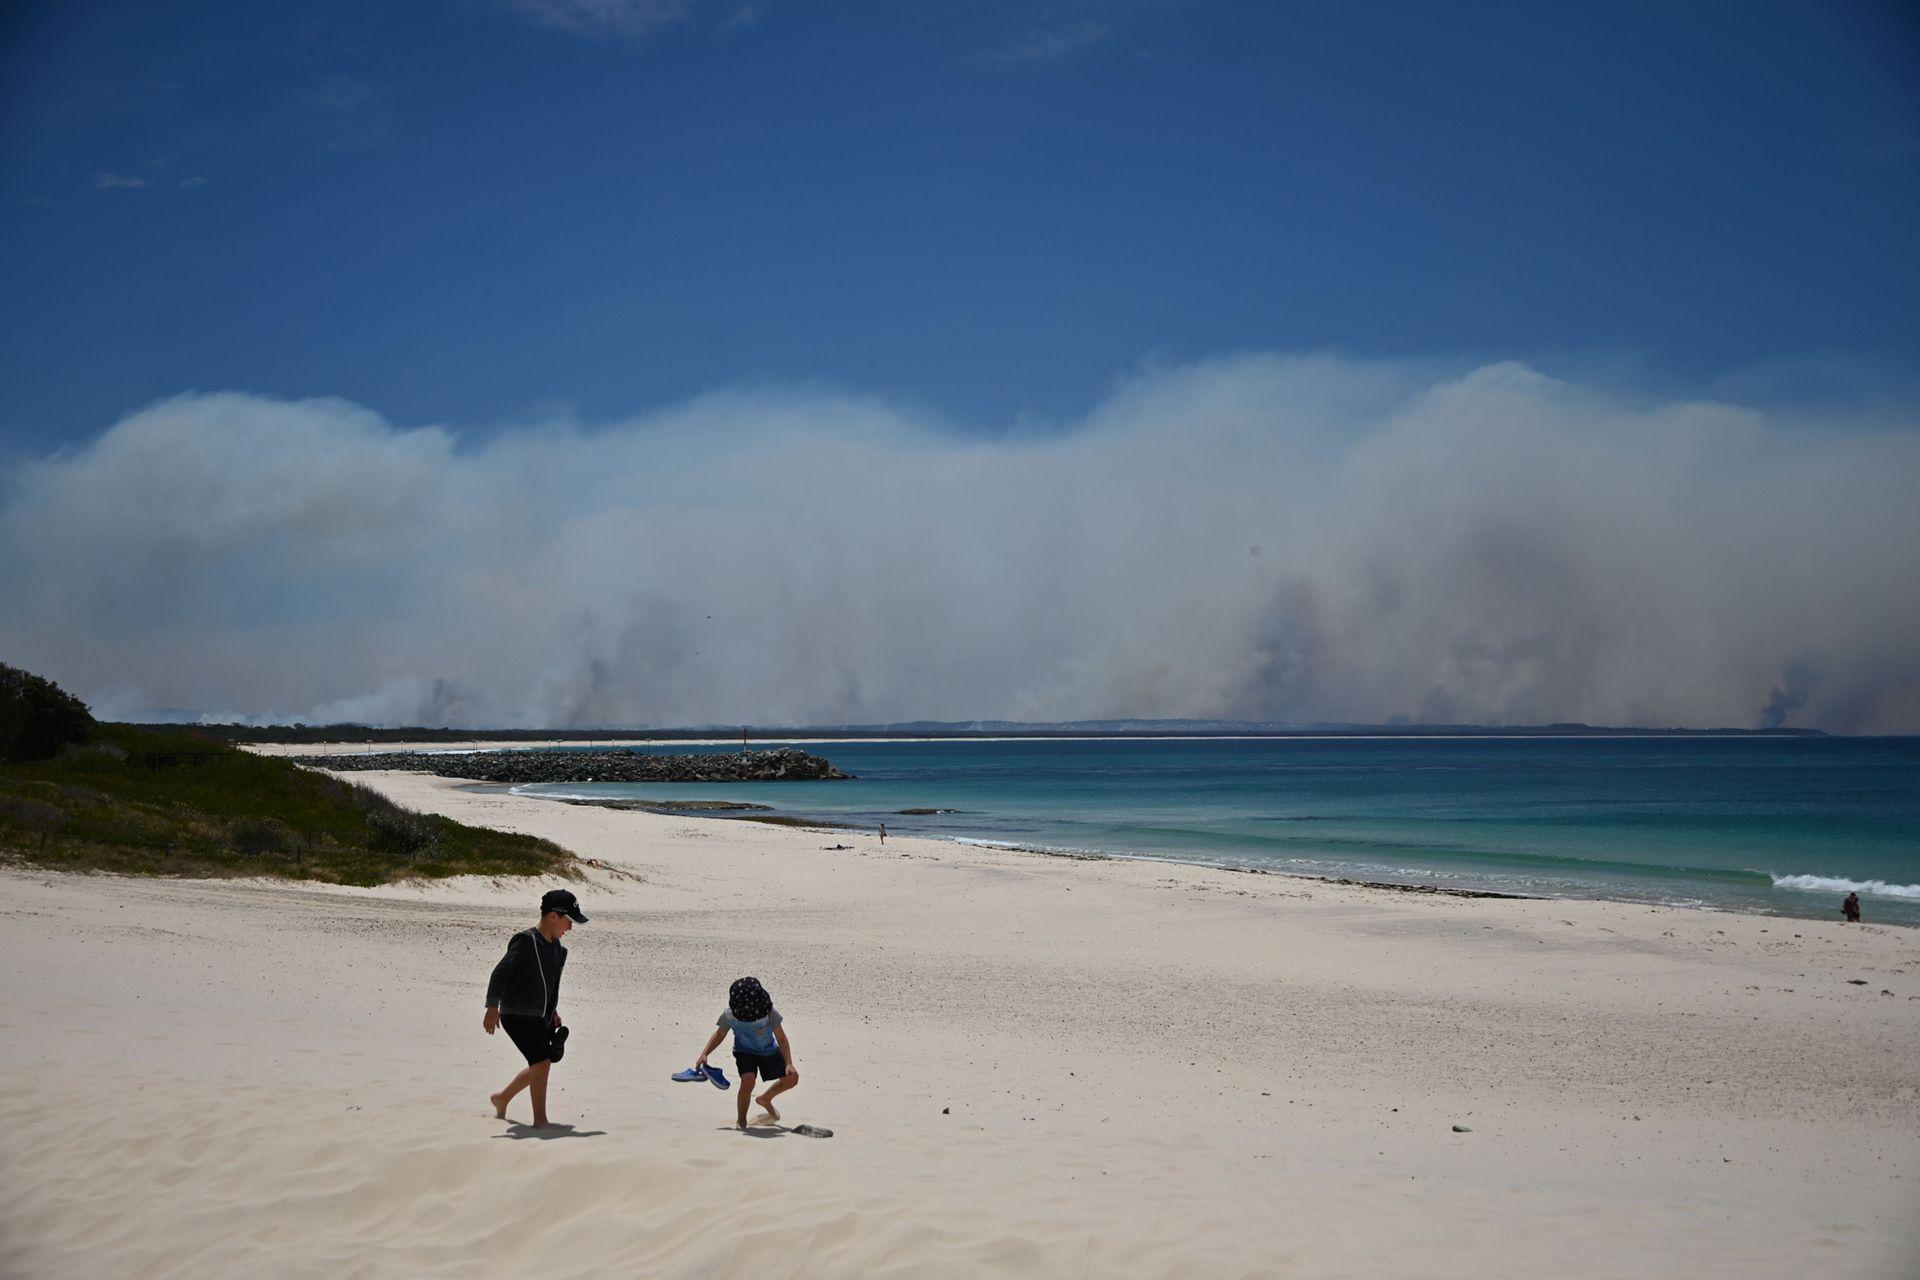 EL humo de los incendios puede verse desde varios kilómetros de distancia